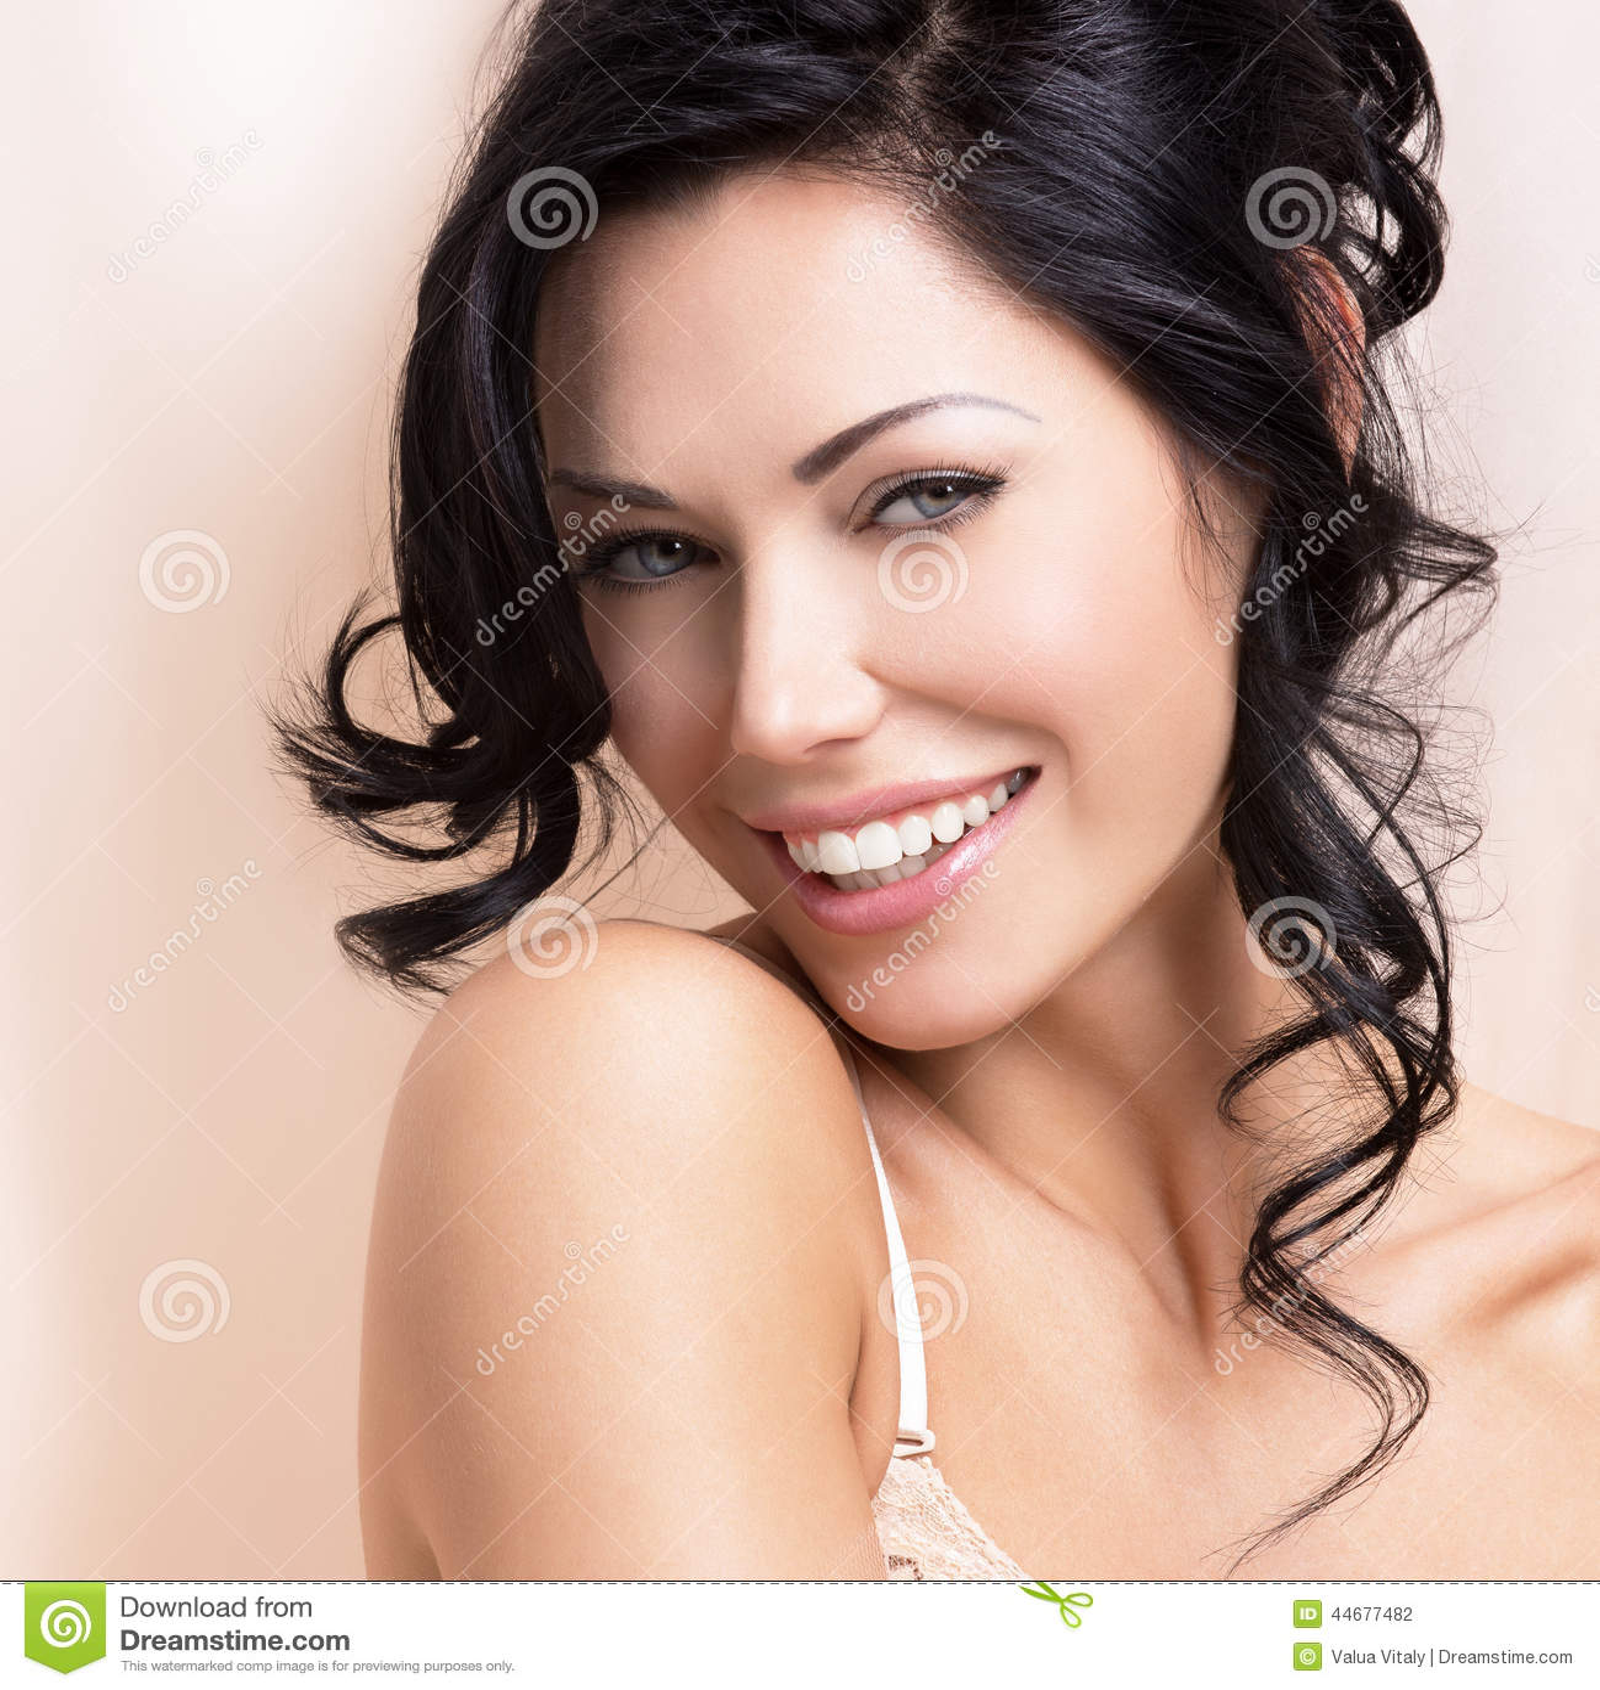 Retrato de uma mulher macia  sexy  bonita com hairstyl criativo